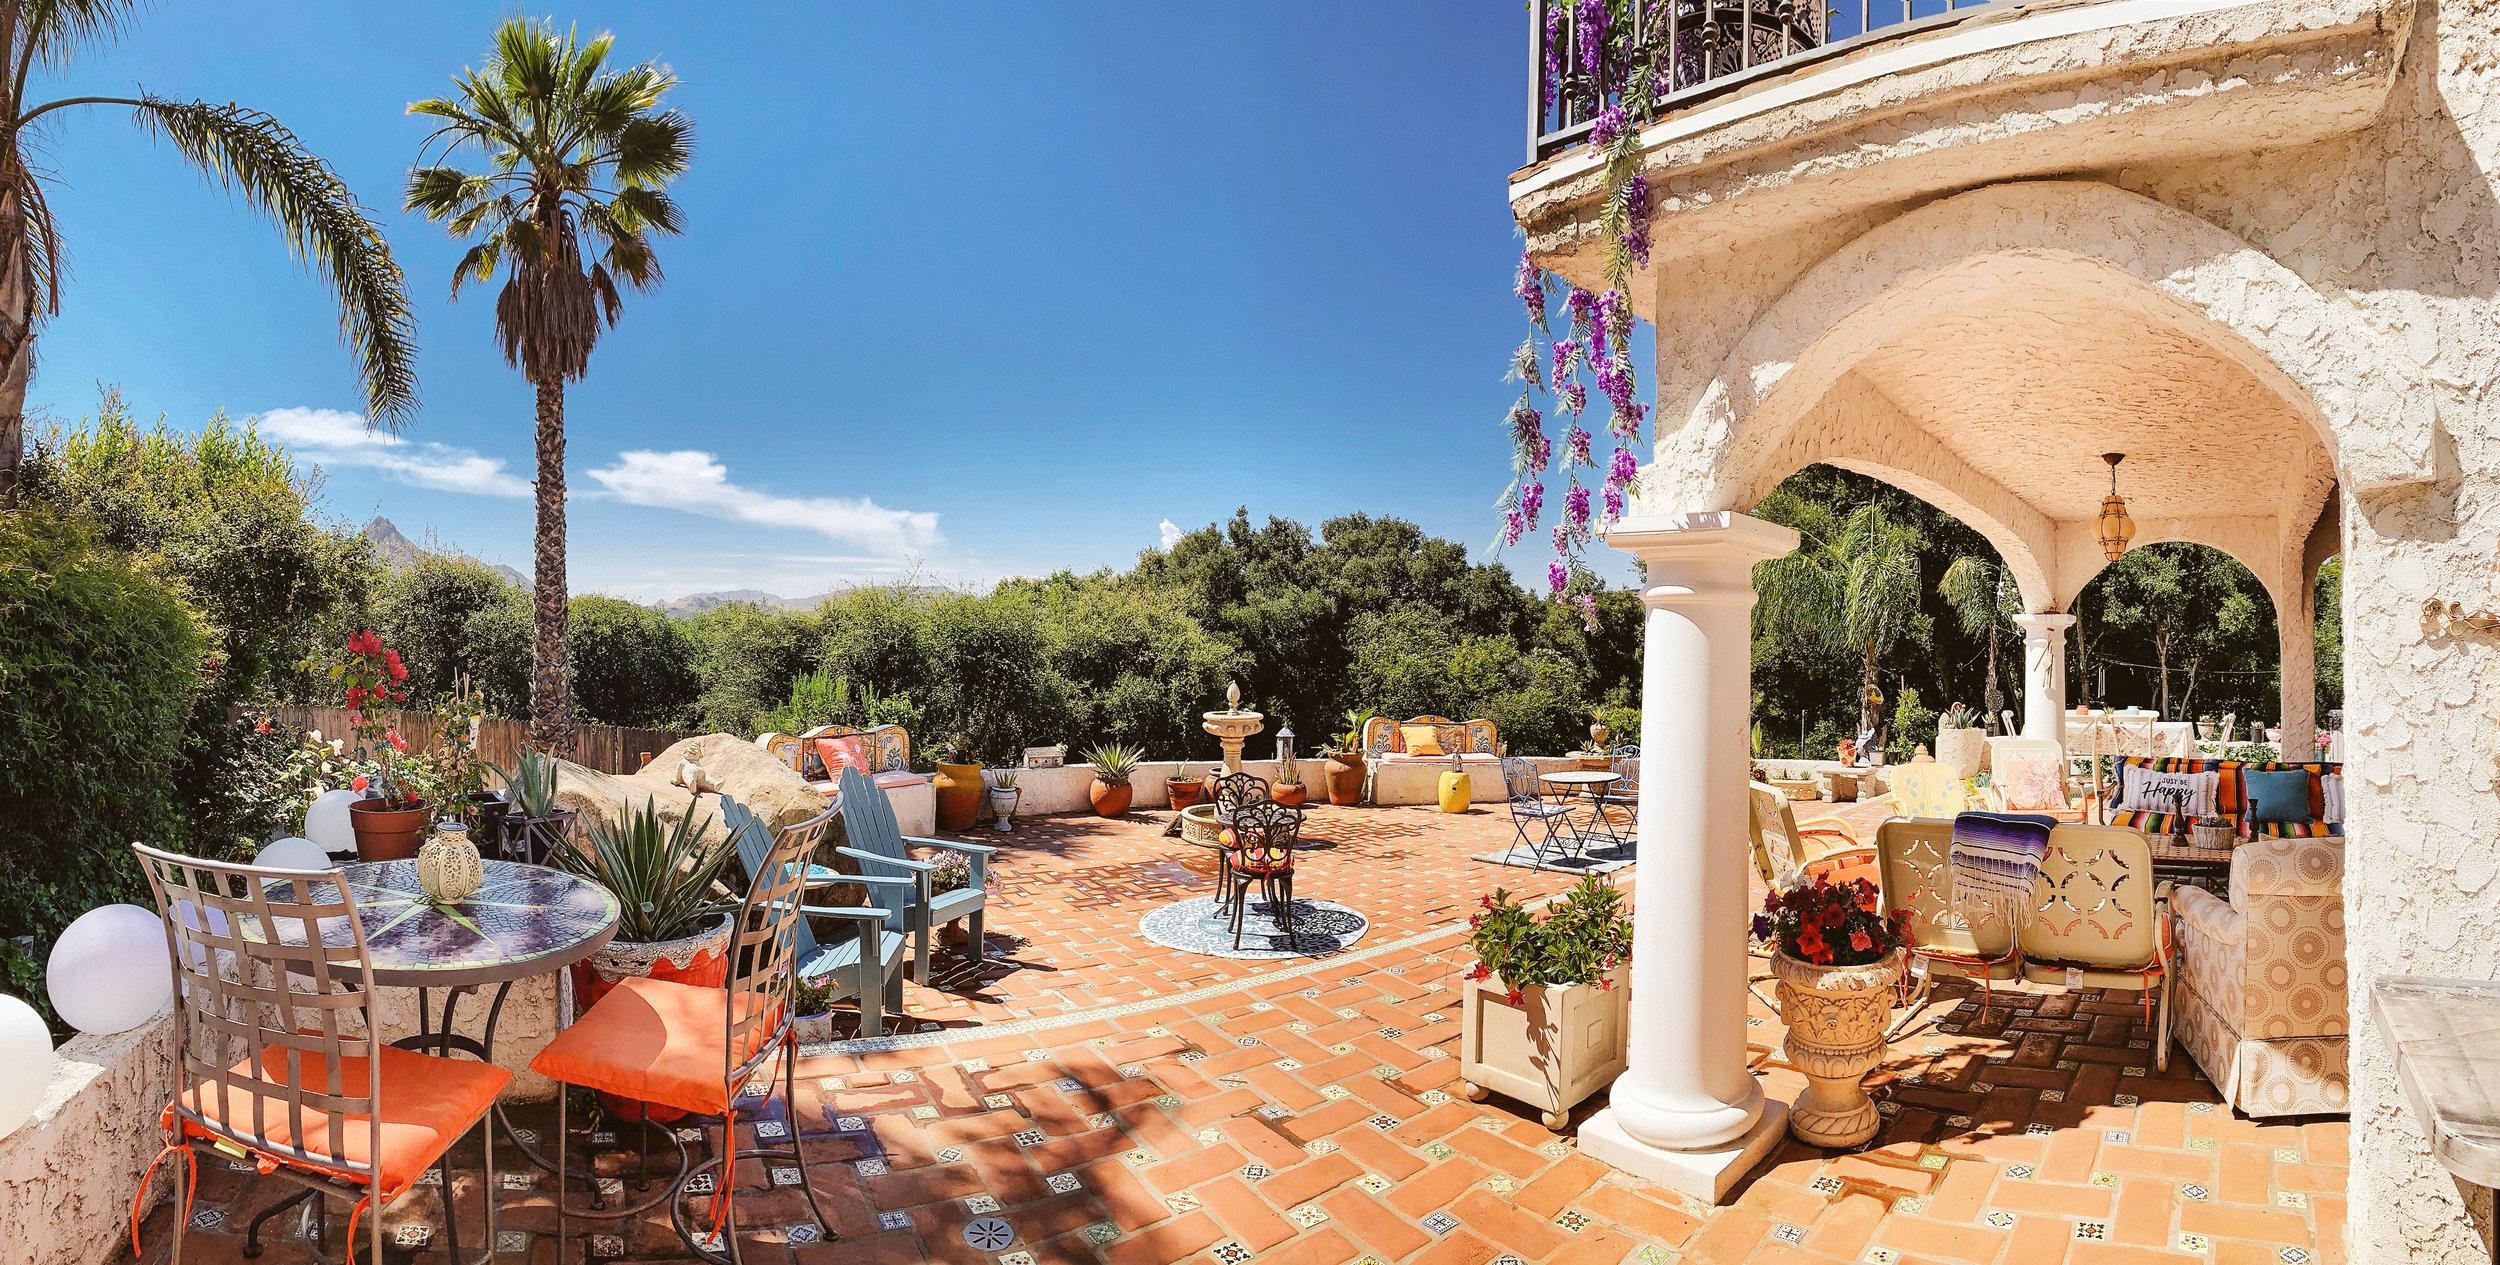 The Malibu Retreat Italian Tile Patio